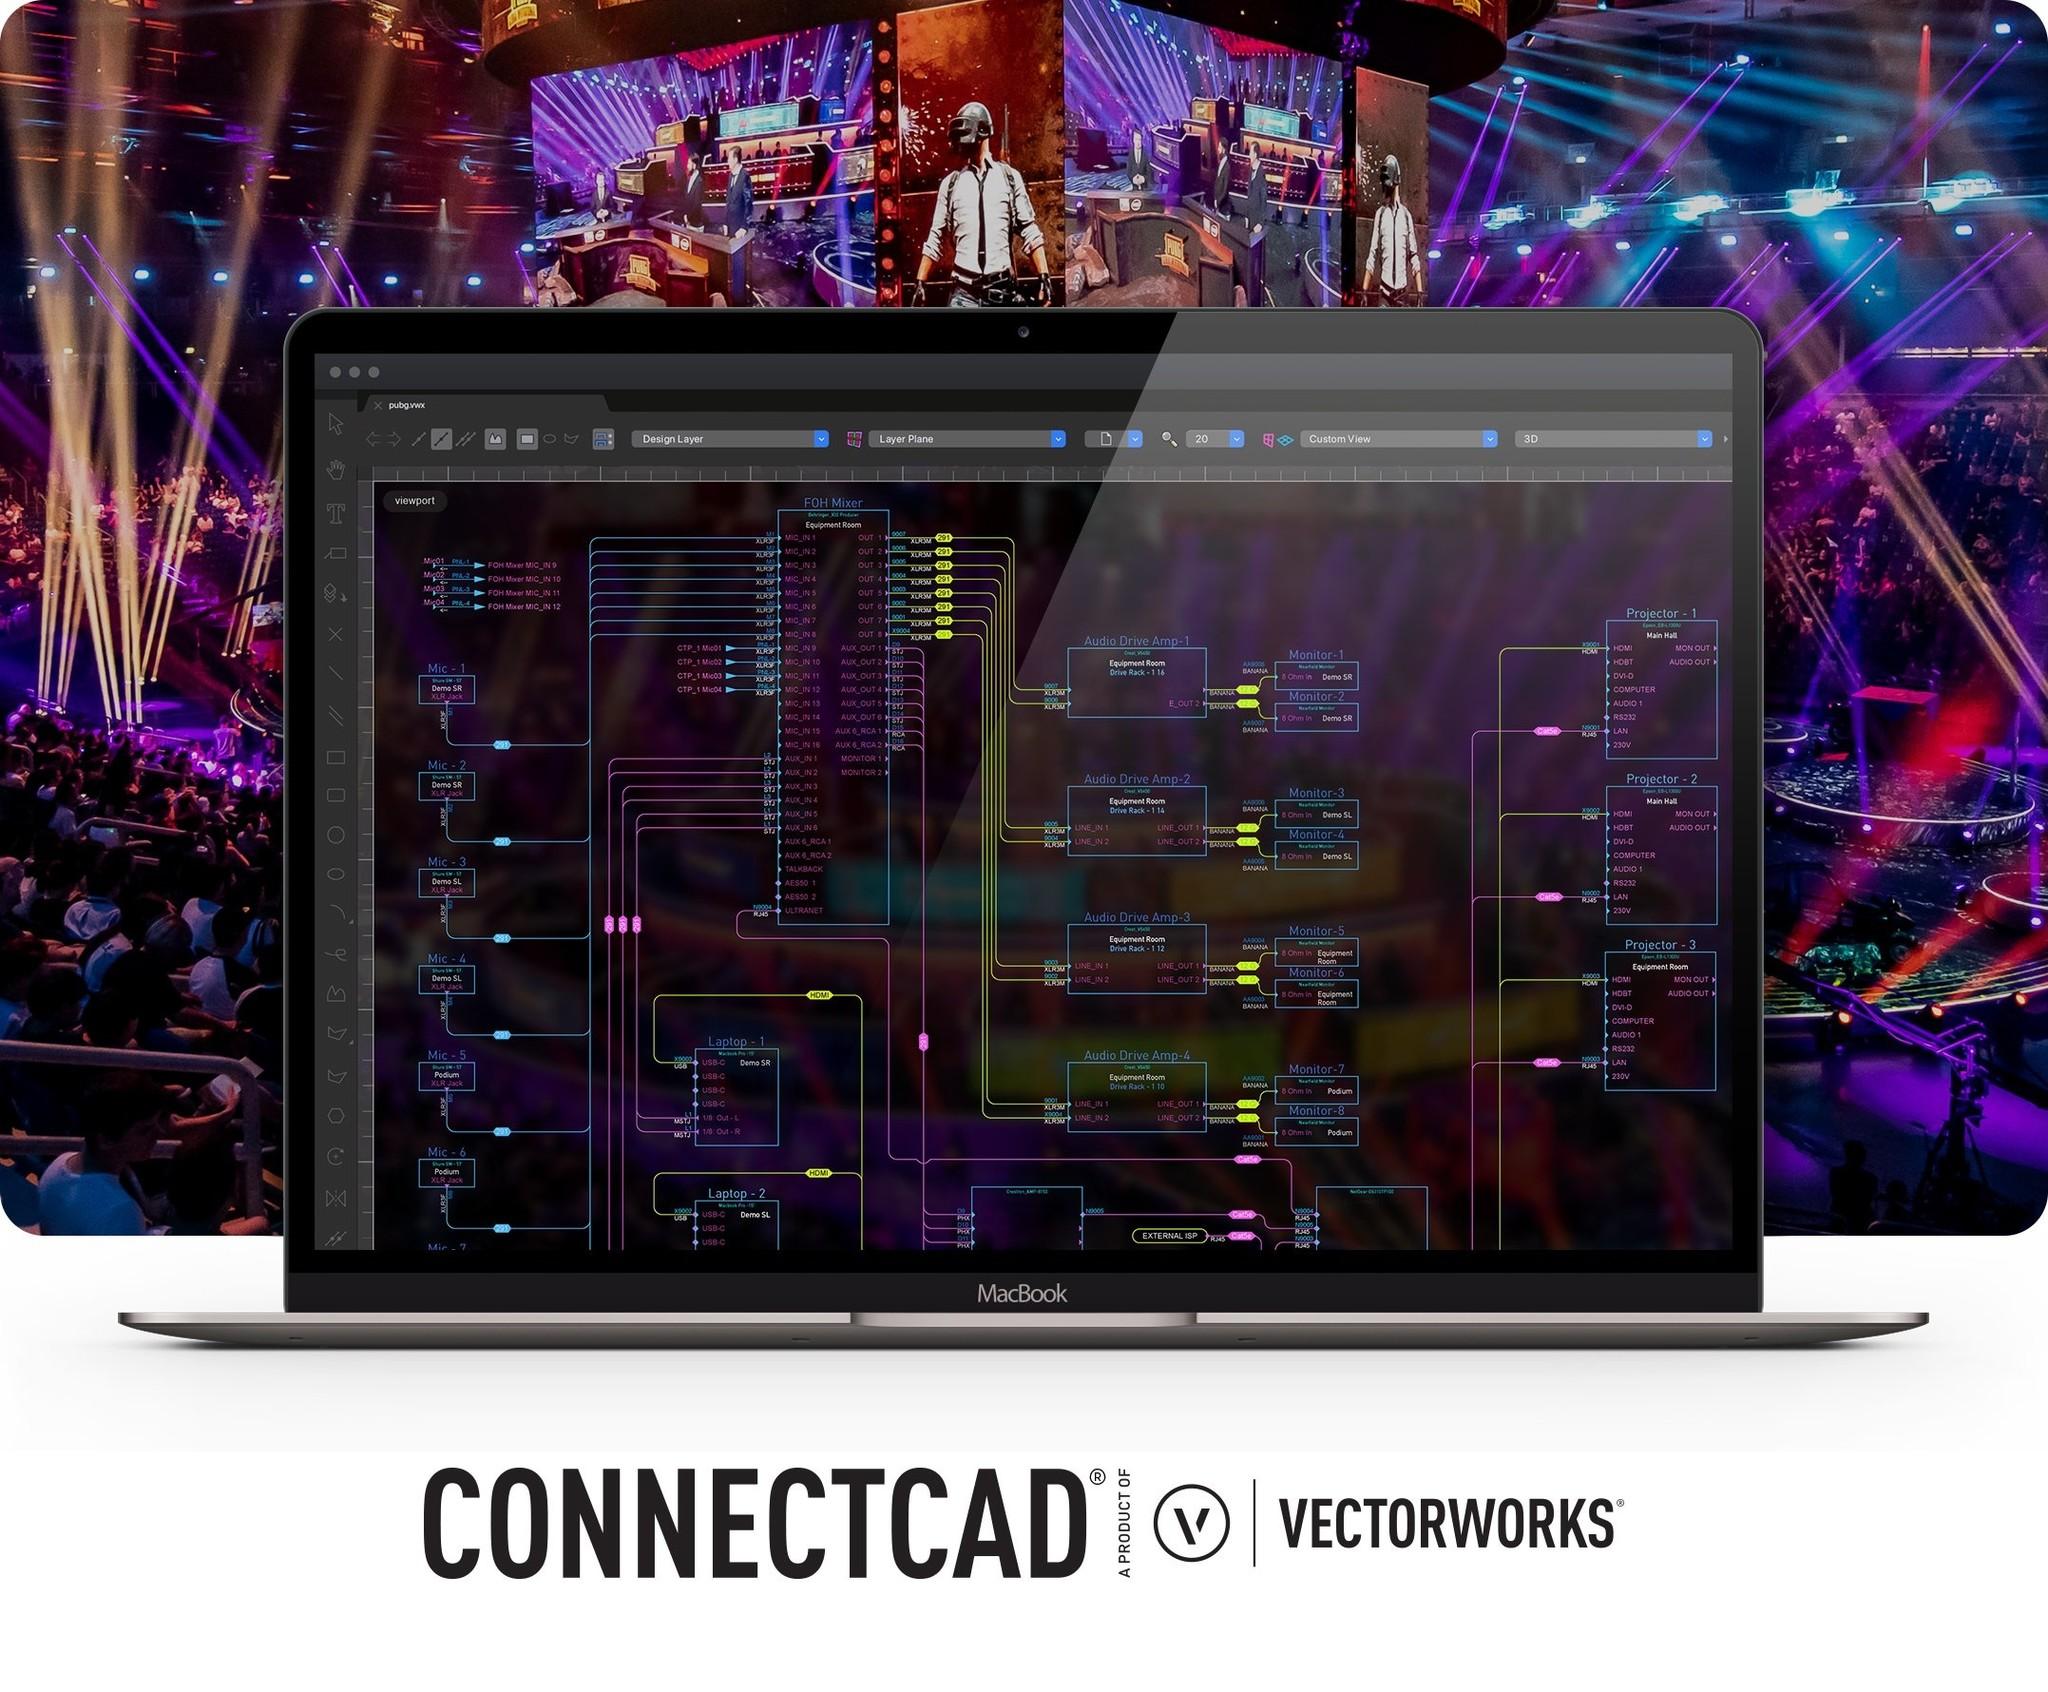 CONNECTCAD 2022 engl.